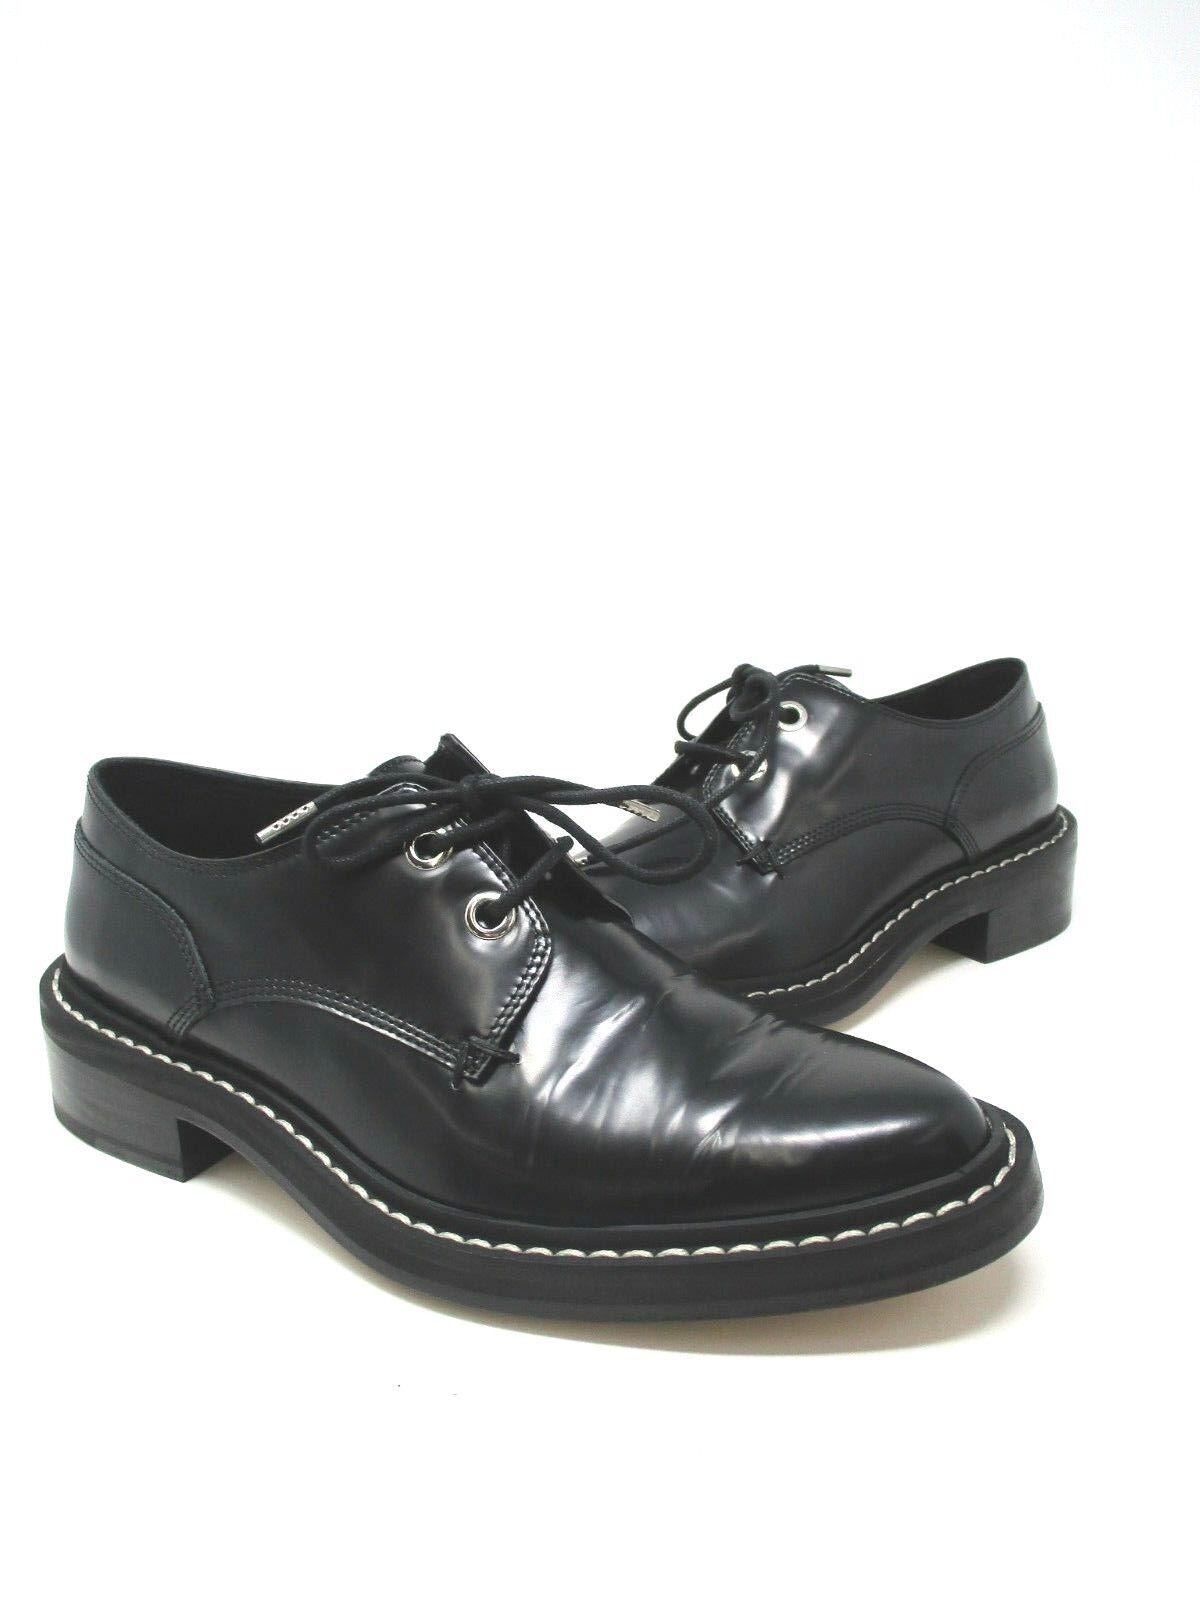 Straccio & Ossa di Kenton Nere con Lacci Oxford shoes Taglie Eu 38.5